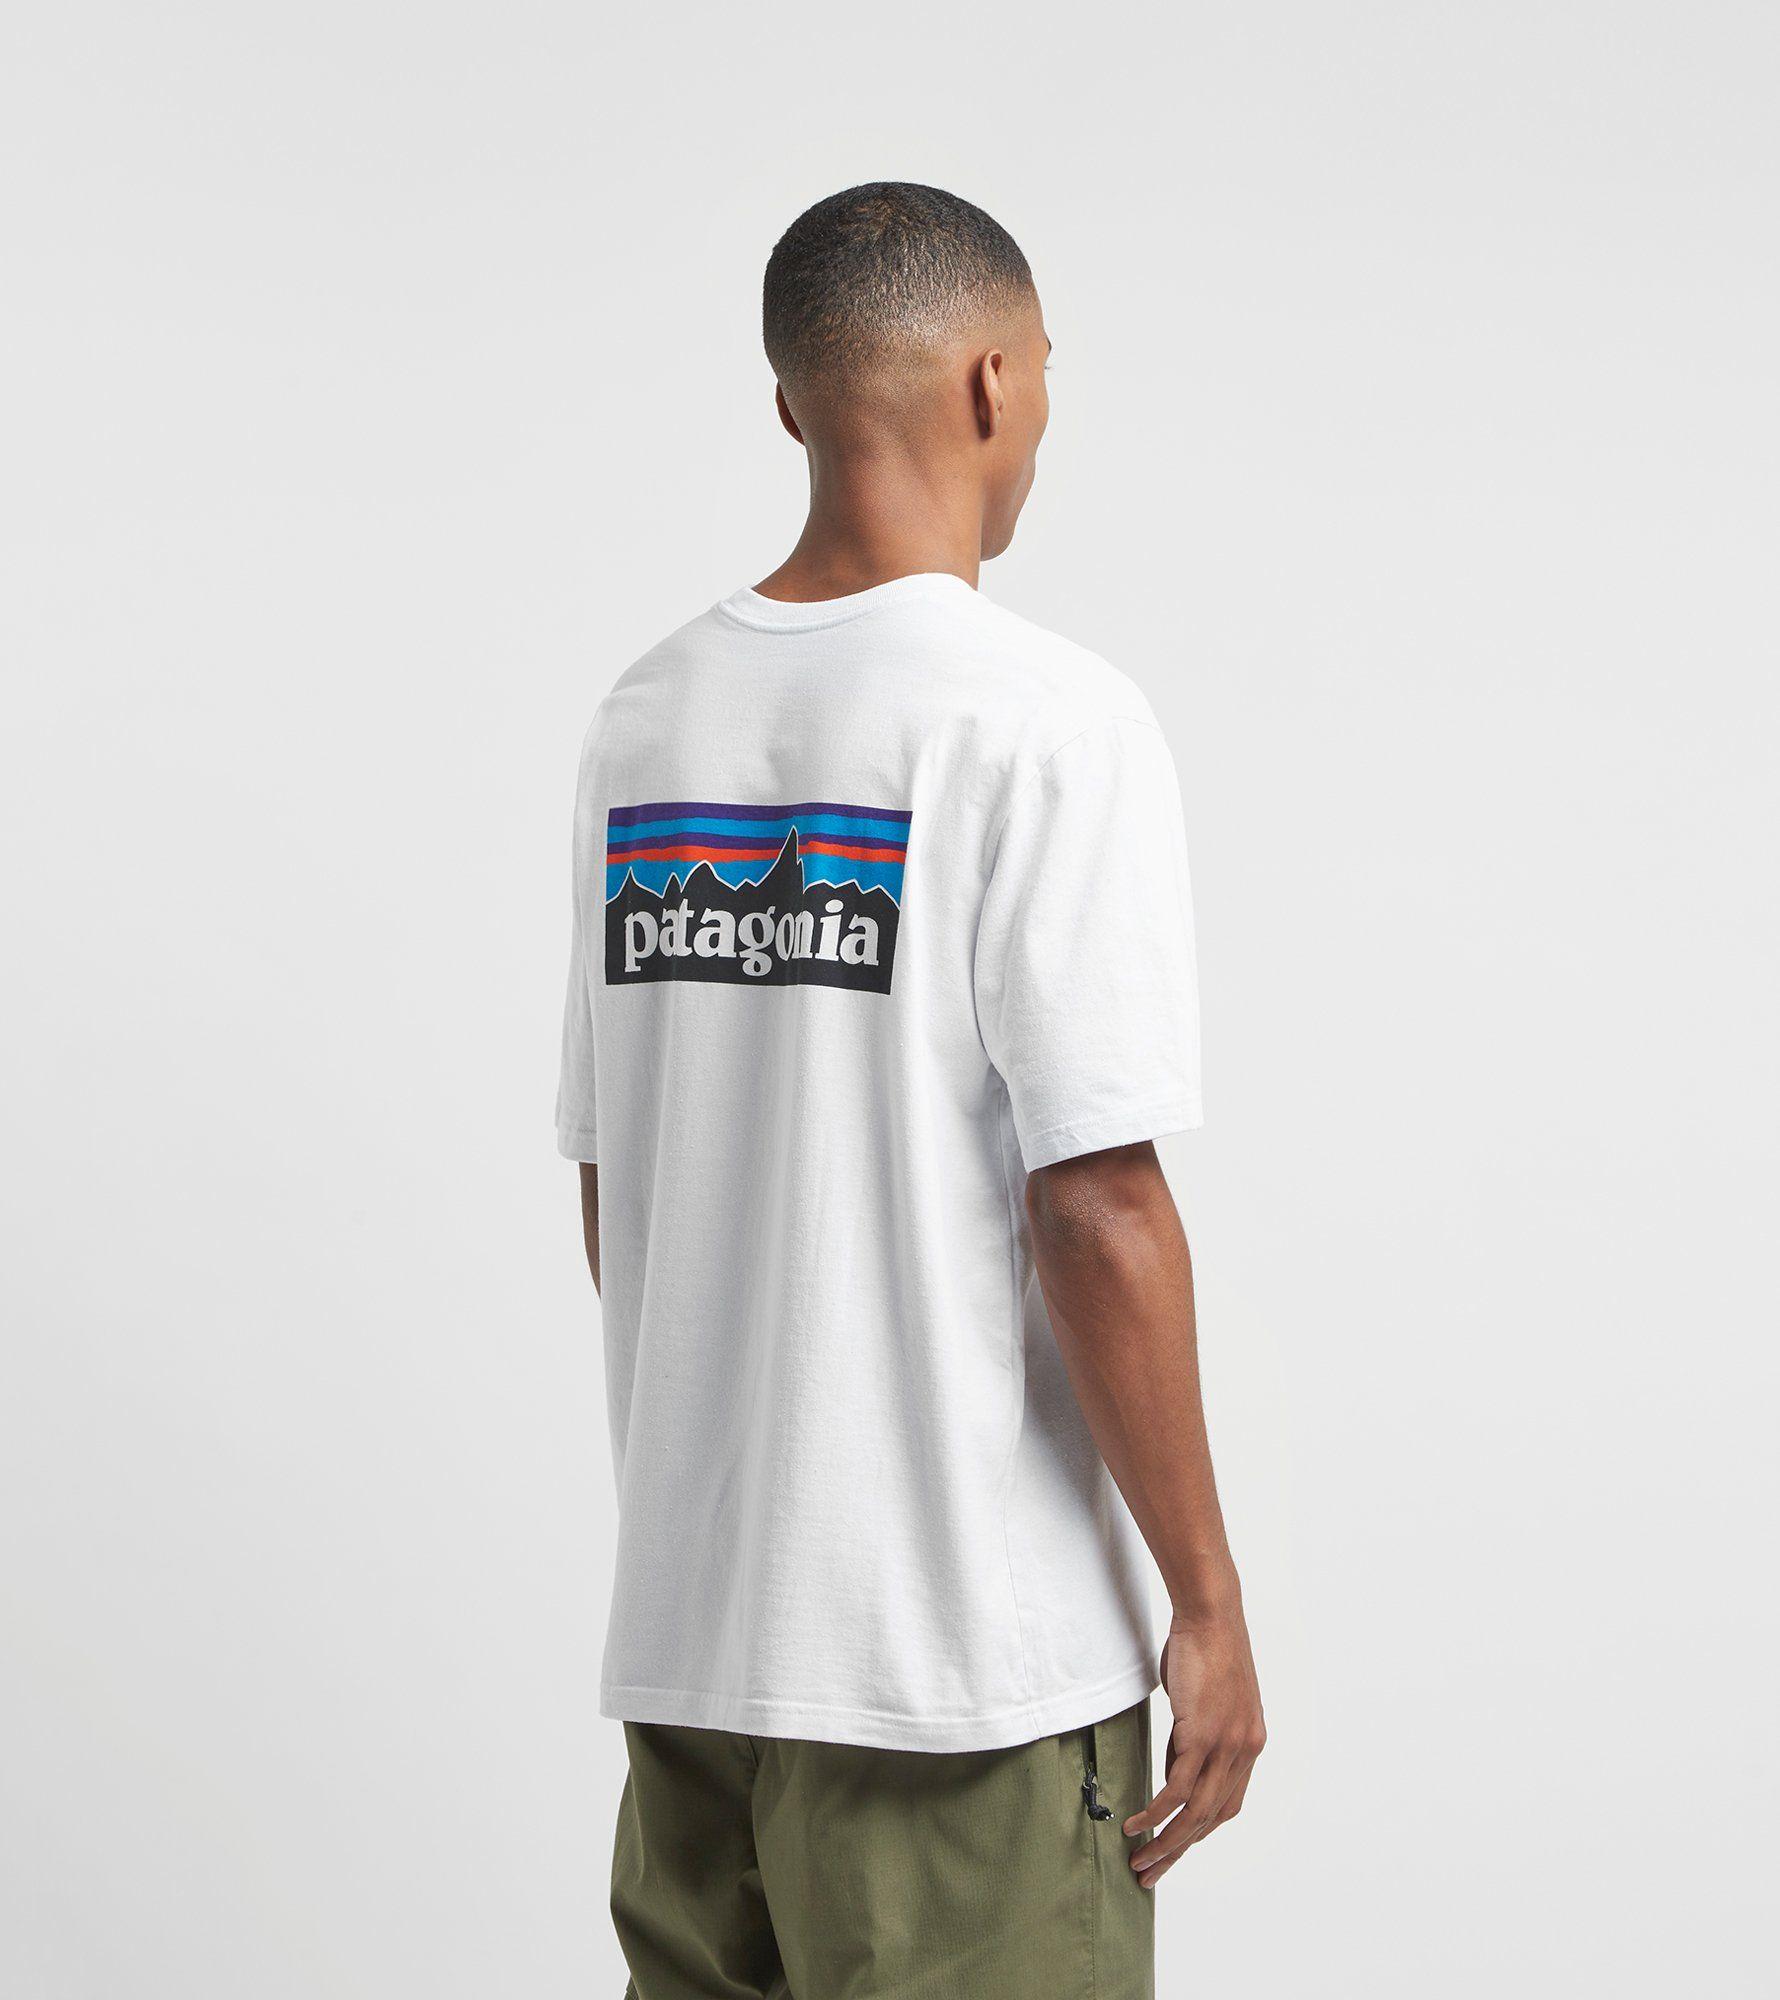 Patagonia Cosmic Peak T-Shirt